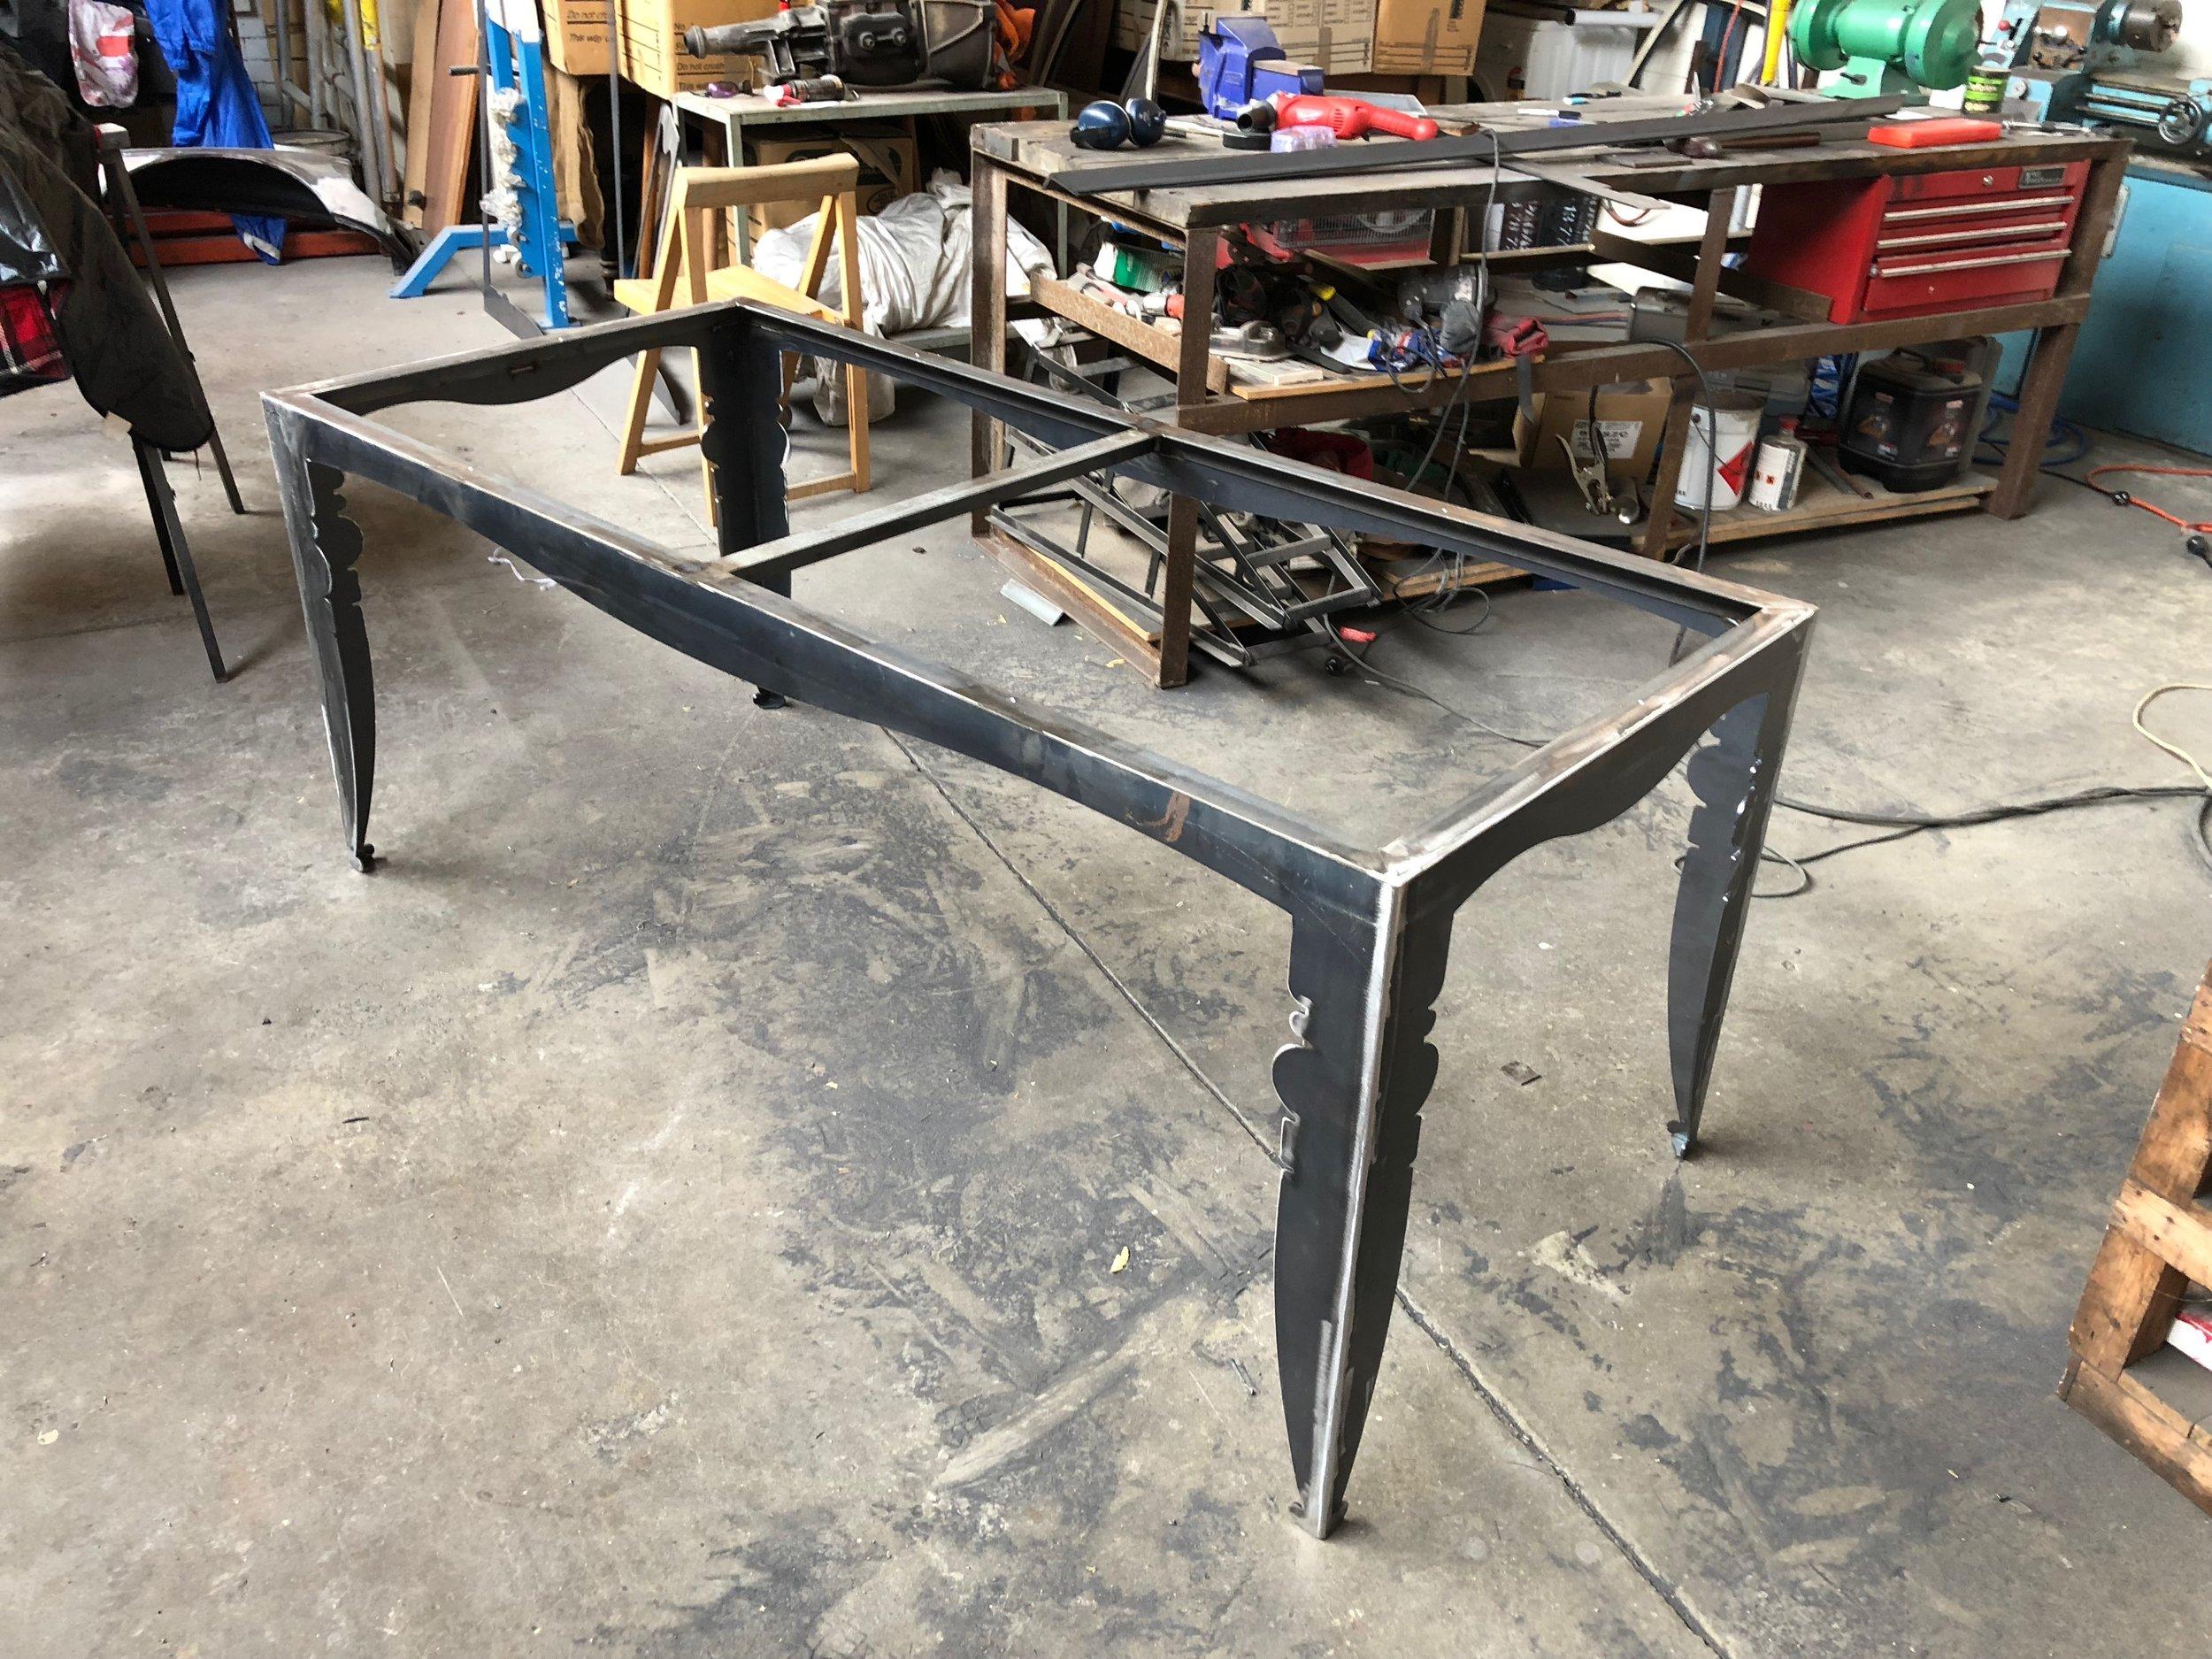 Silhouette Table - bare bones